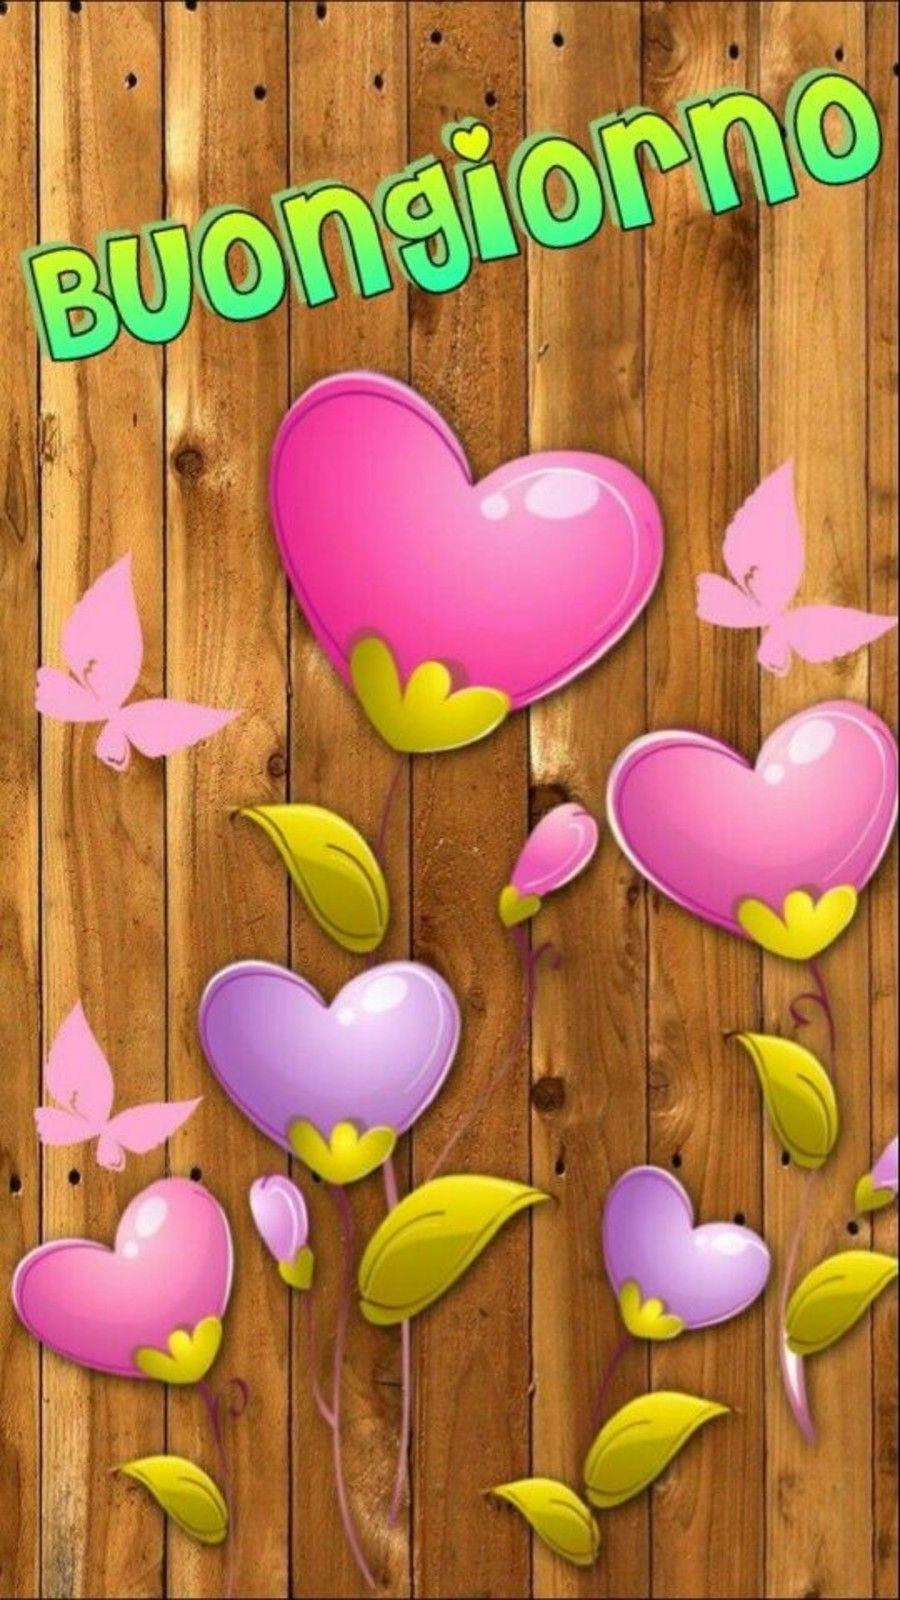 Frasi Buongiorno Simpatiche.Scarica Immagini Frasi Simpatiche Buongiorno 5534 Valentines Wallpaper Valentines Wallpaper Iphone Iphone Wallpaper Themes